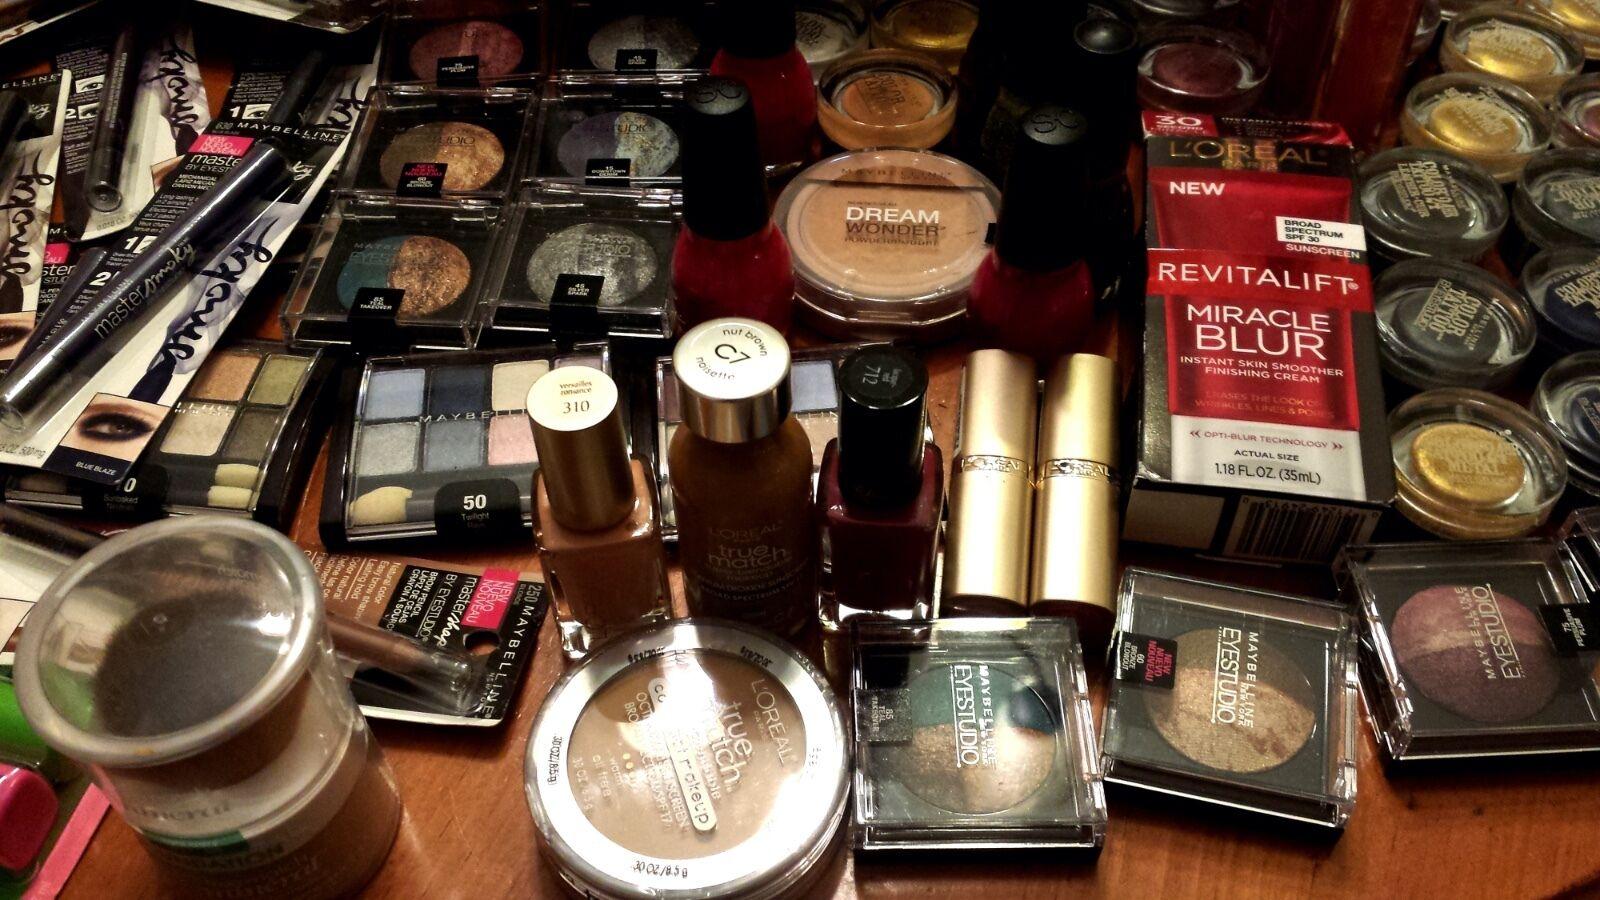 Купить PrimeTime Makeup Lot (35) pcs. - Milani, Revlon, L'Oreal, CoverGirl, NYX more